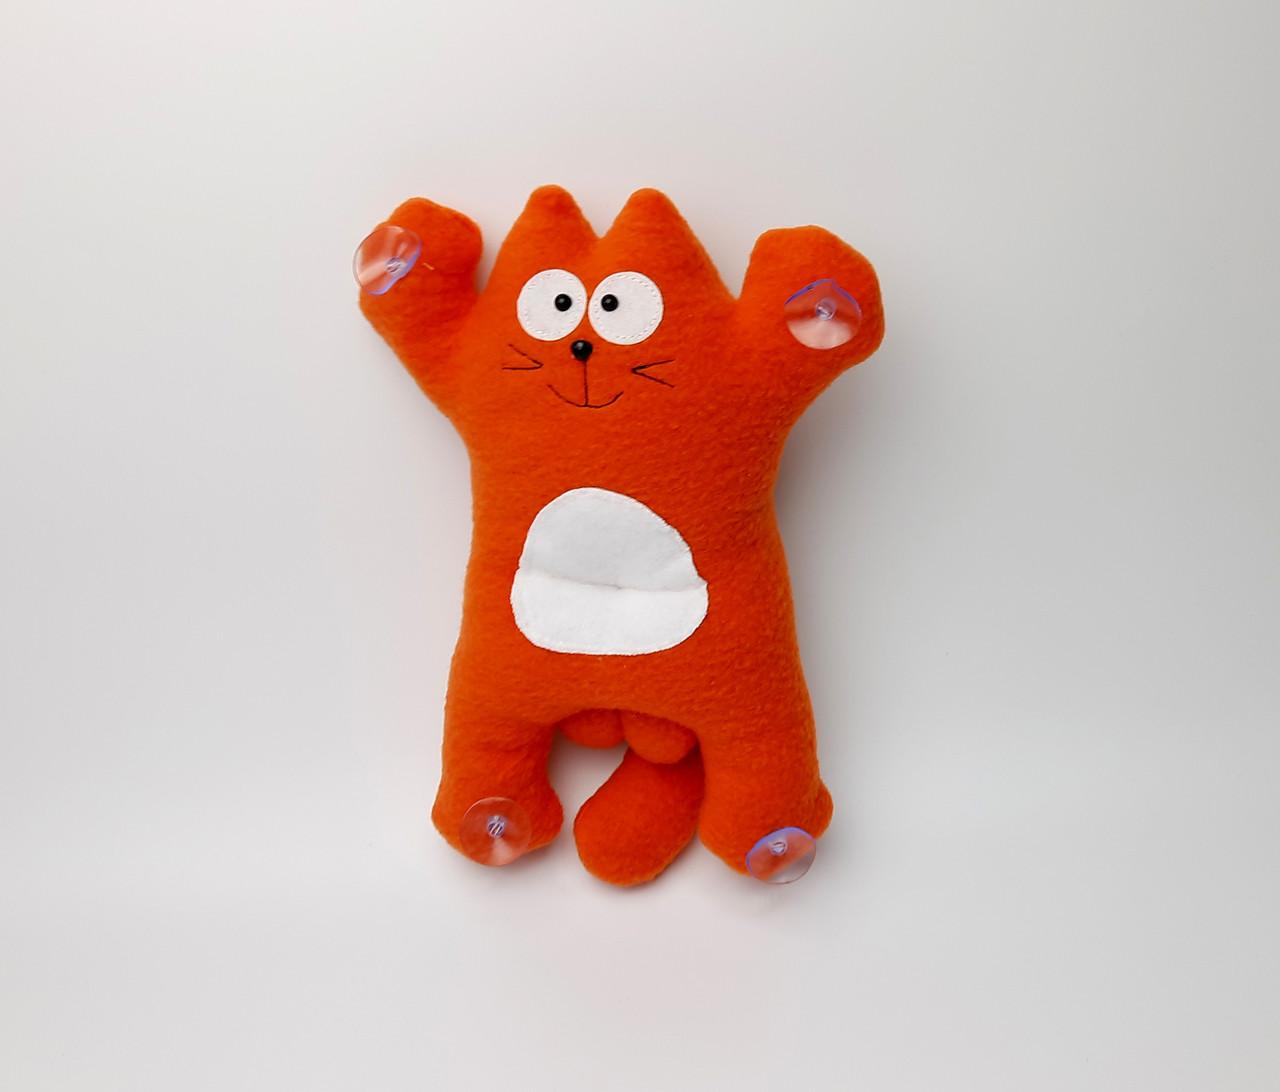 Саймон Кот рыжий на присосках - Сувенир в машину - Мягкая игрушка Кот Саймон - Подарок автомобилисту - фото 2